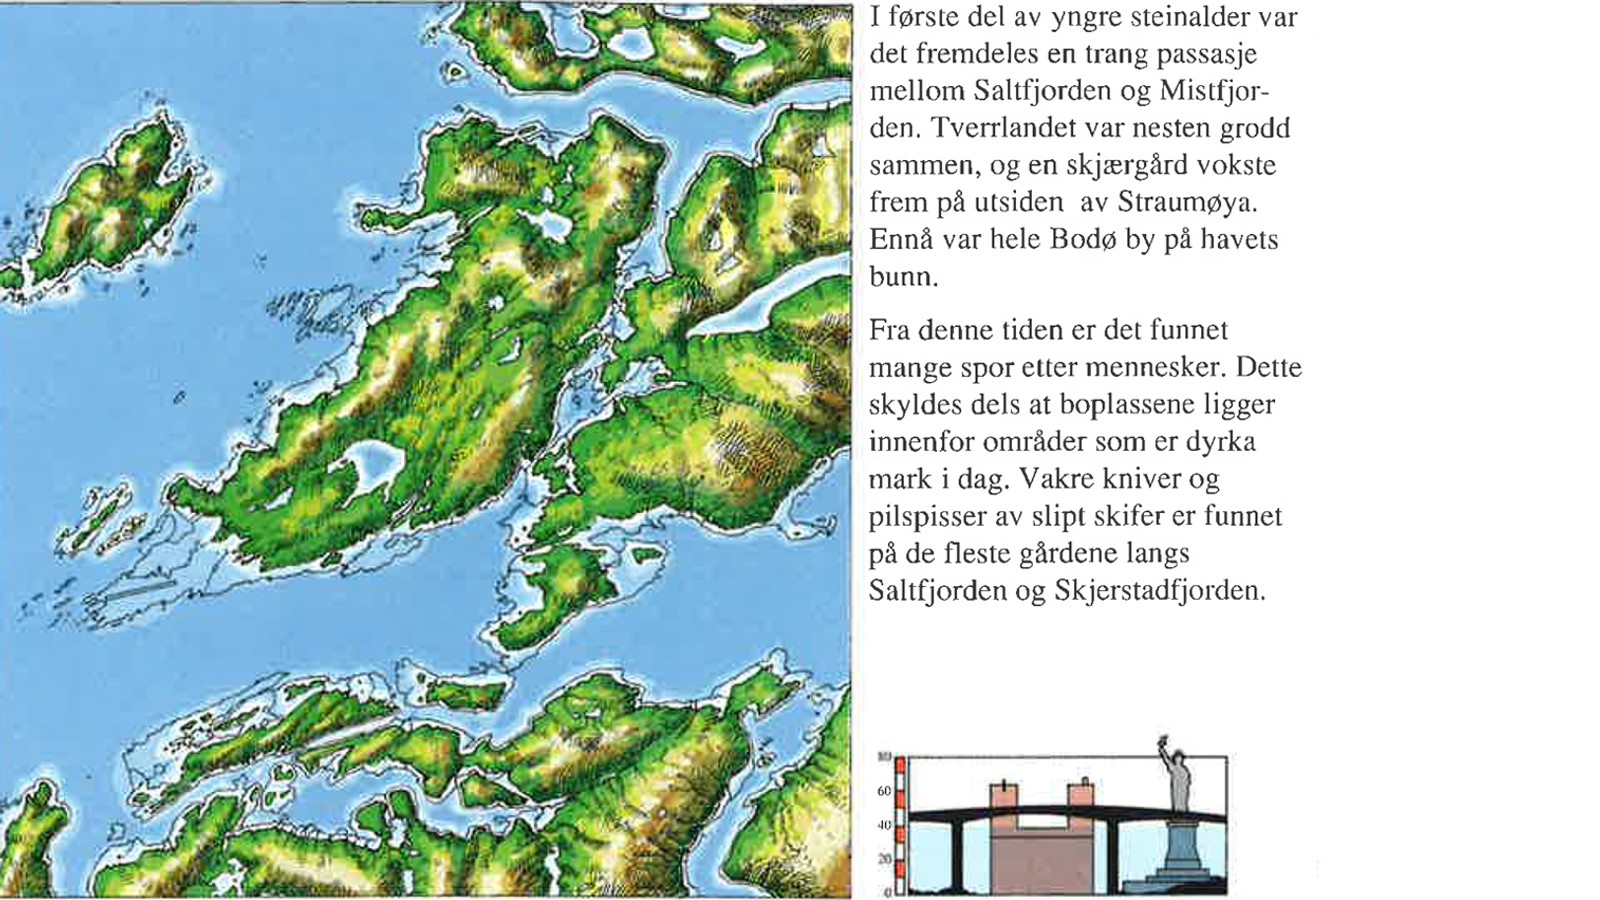 For 4500 år siden var havnivået 40 meter høyere enn i dag. Fra heftet «Spor ved Saltstraumen gjennom 10.000 år» av Hein Bjartmann Bjerck.